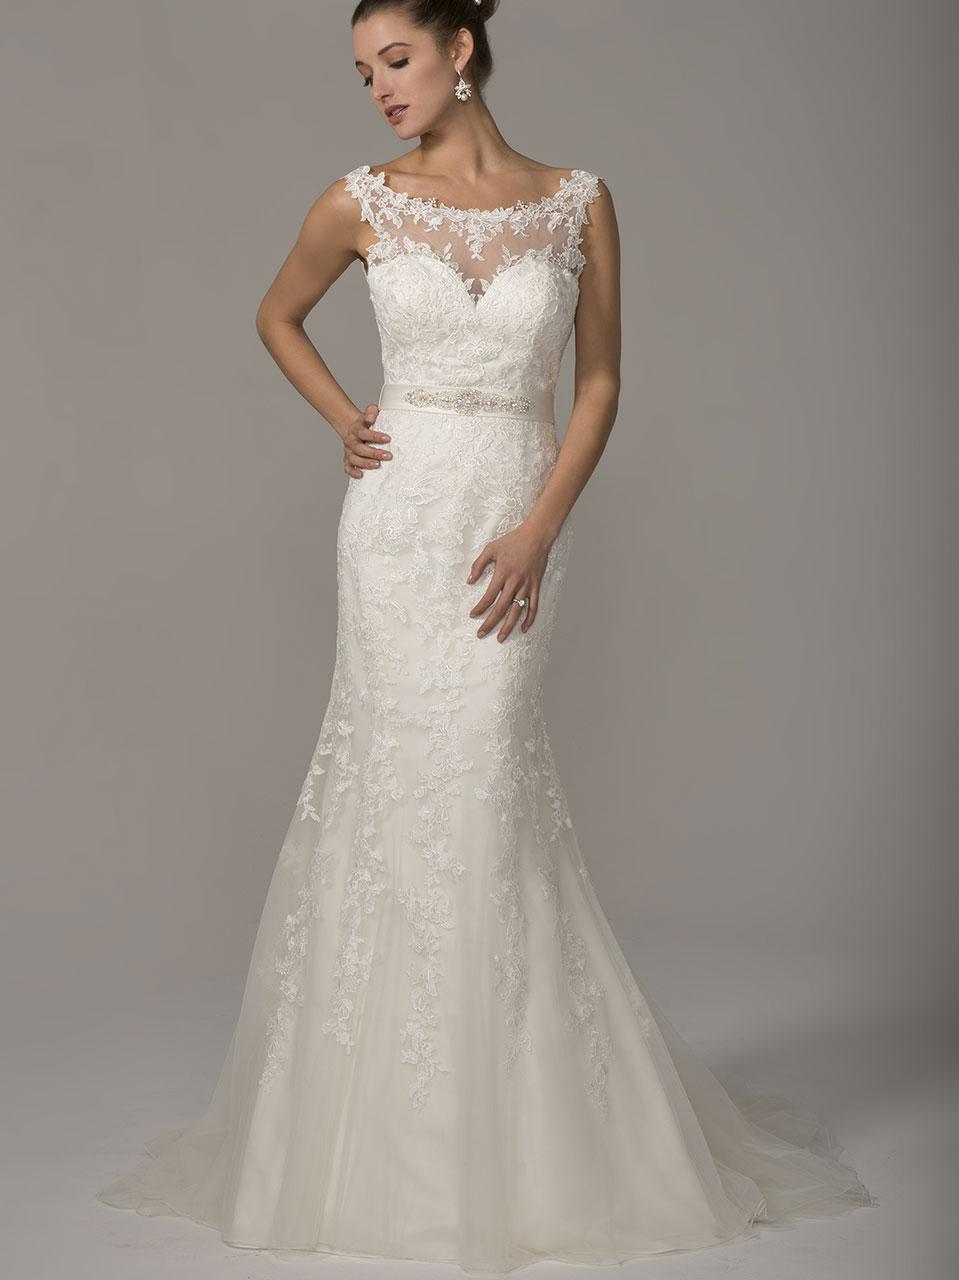 La Collezione 2018 è sofisticata ed elegante e appagherà la fantasia di  qualsiasi sposa! Una selezione di abiti dal sapore classico e raffinato a9eaf134e84